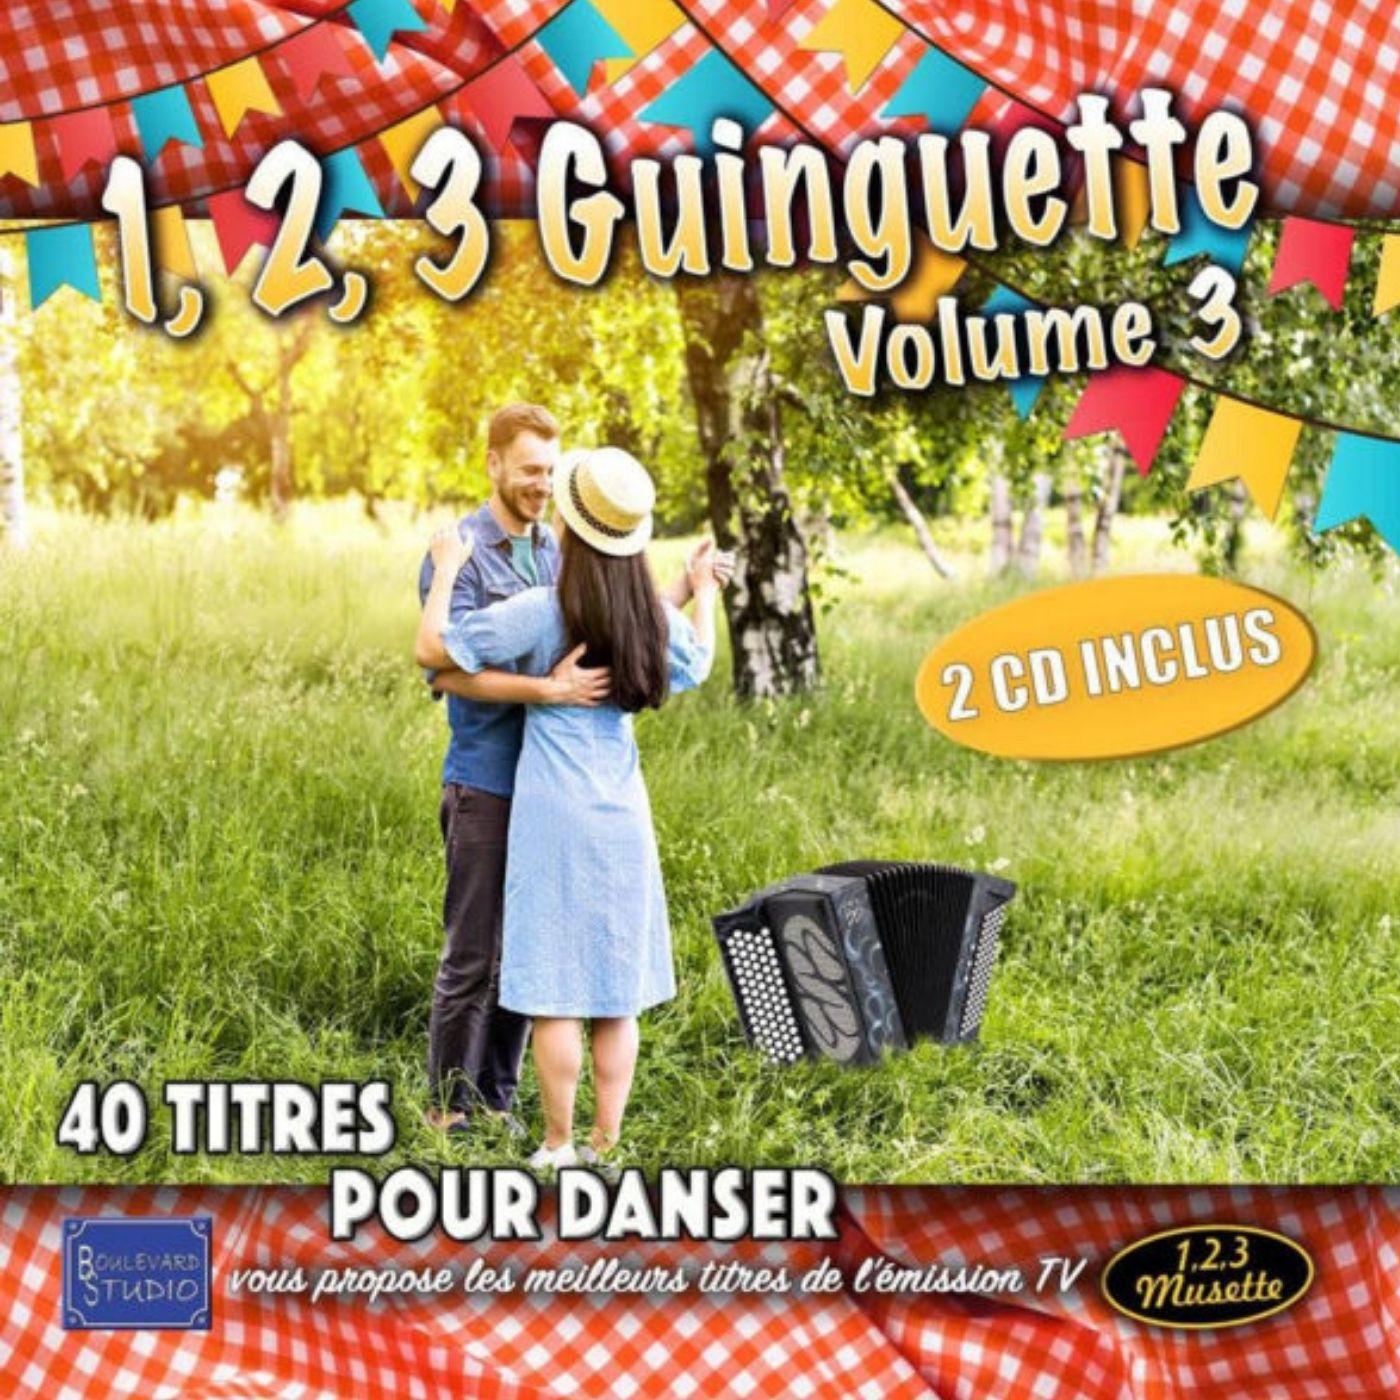 Compilation 1,2,3 Guinguette vol3